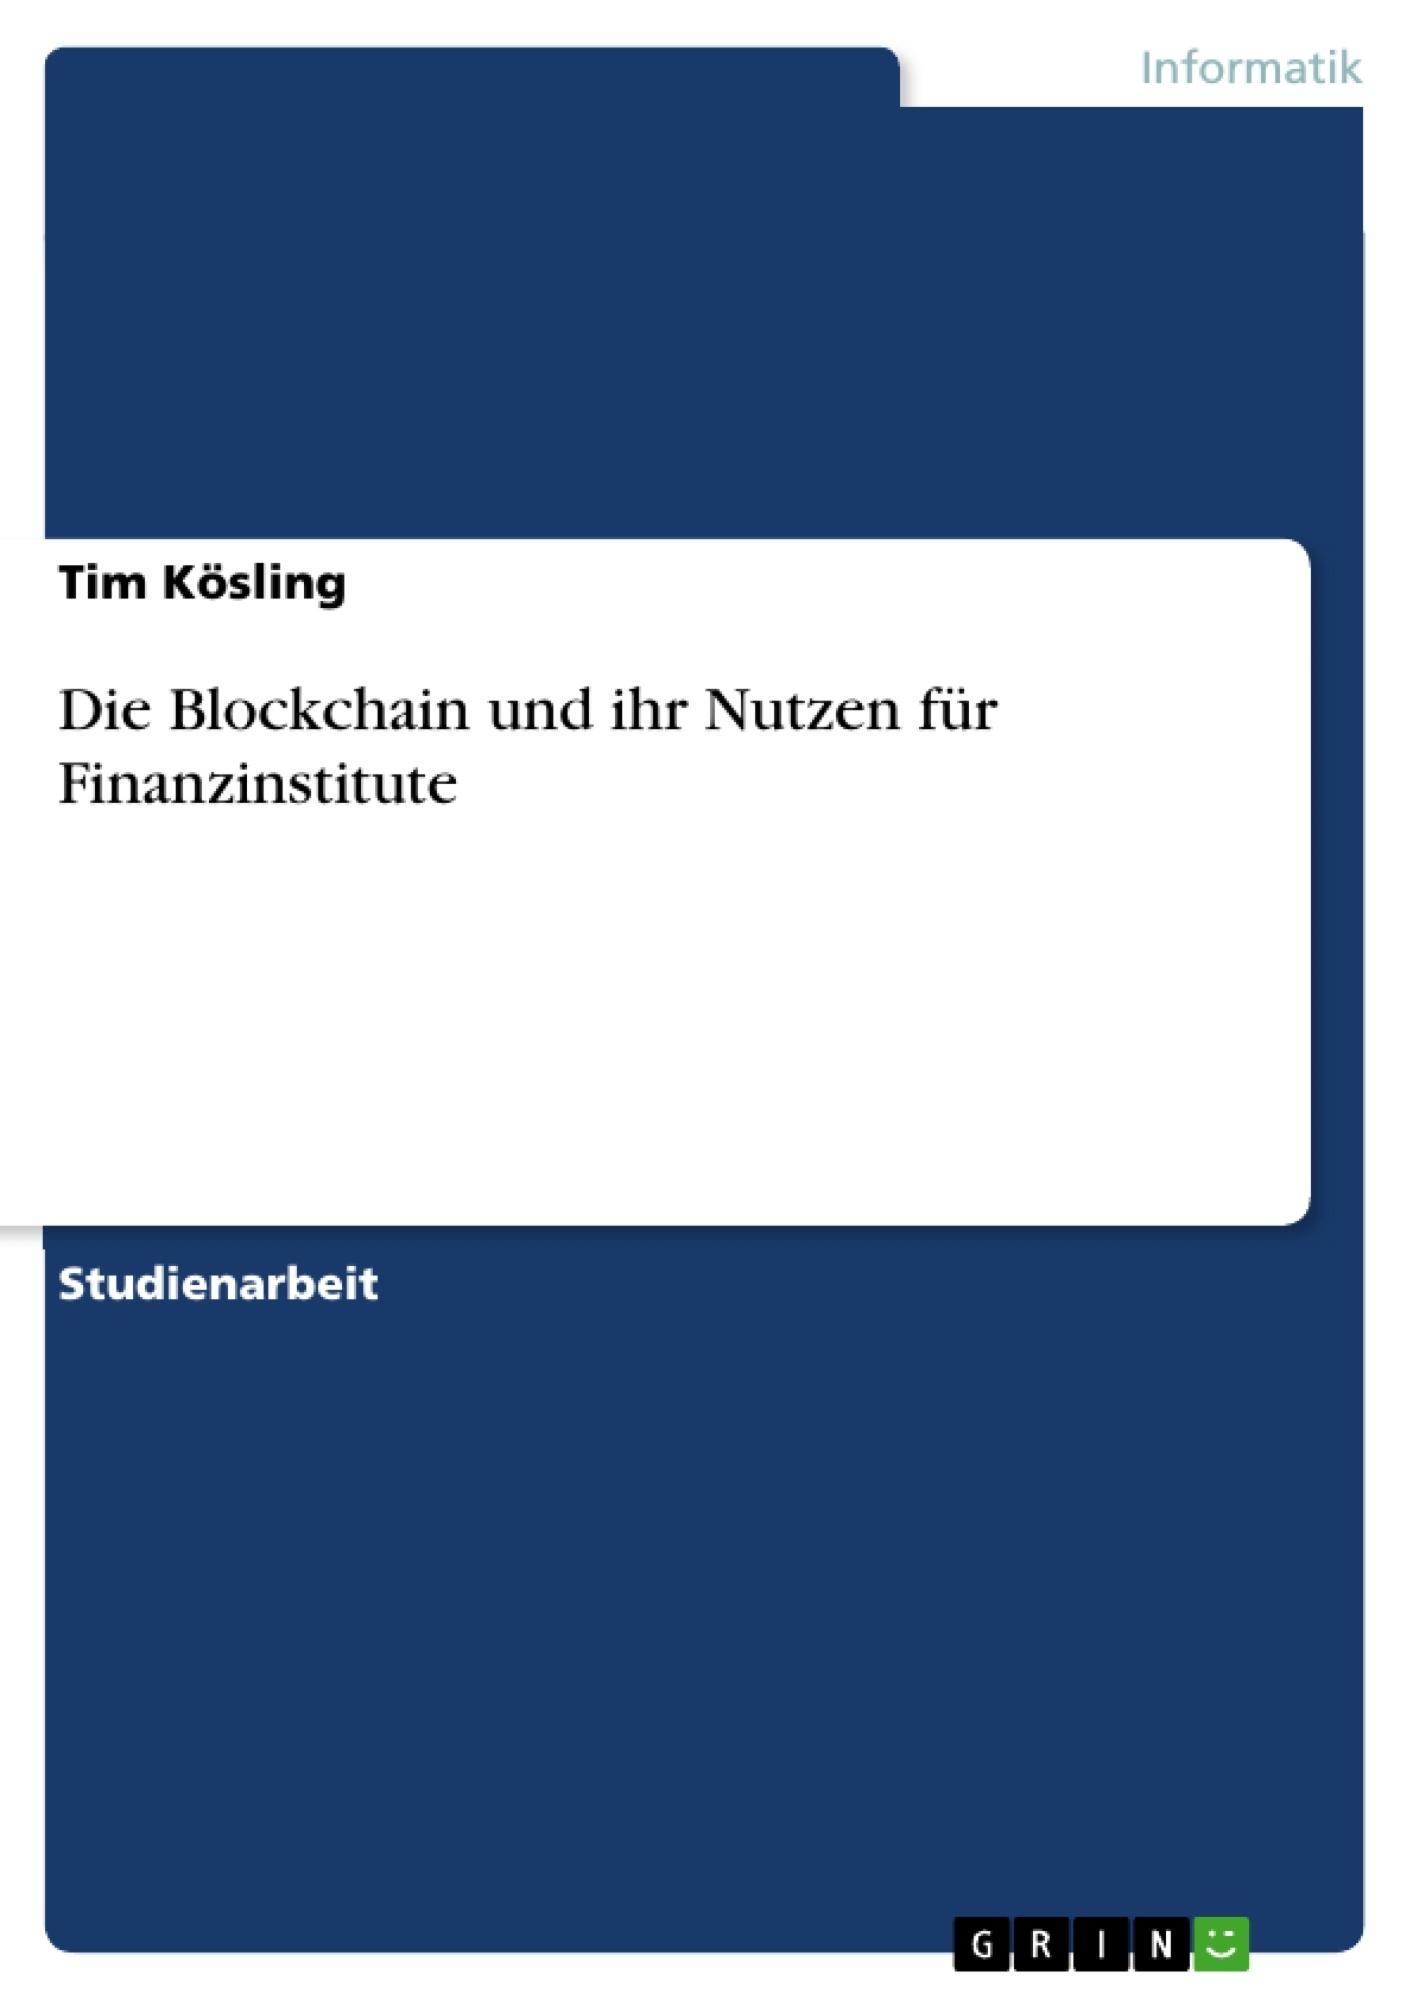 Titel: Die Blockchain und ihr Nutzen für Finanzinstitute